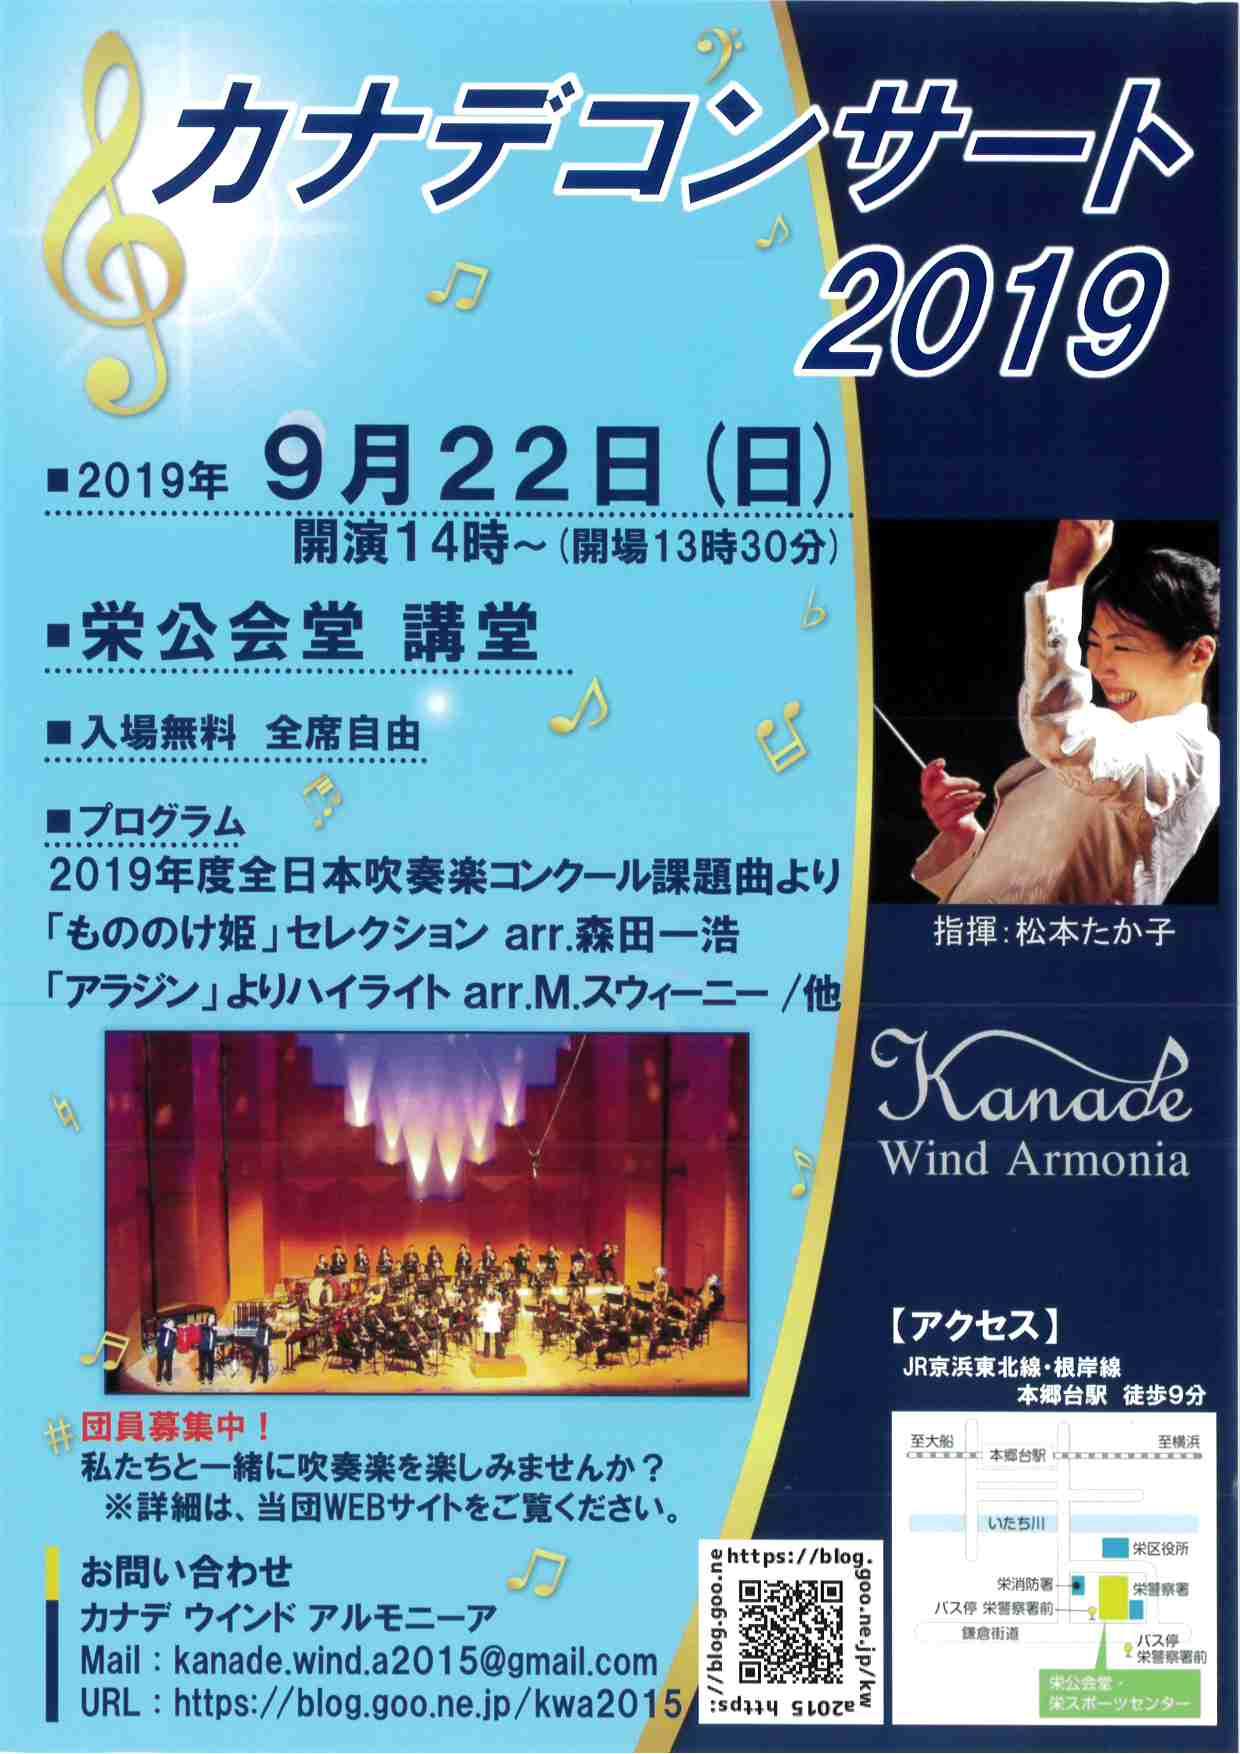 カナデコンサート 2019